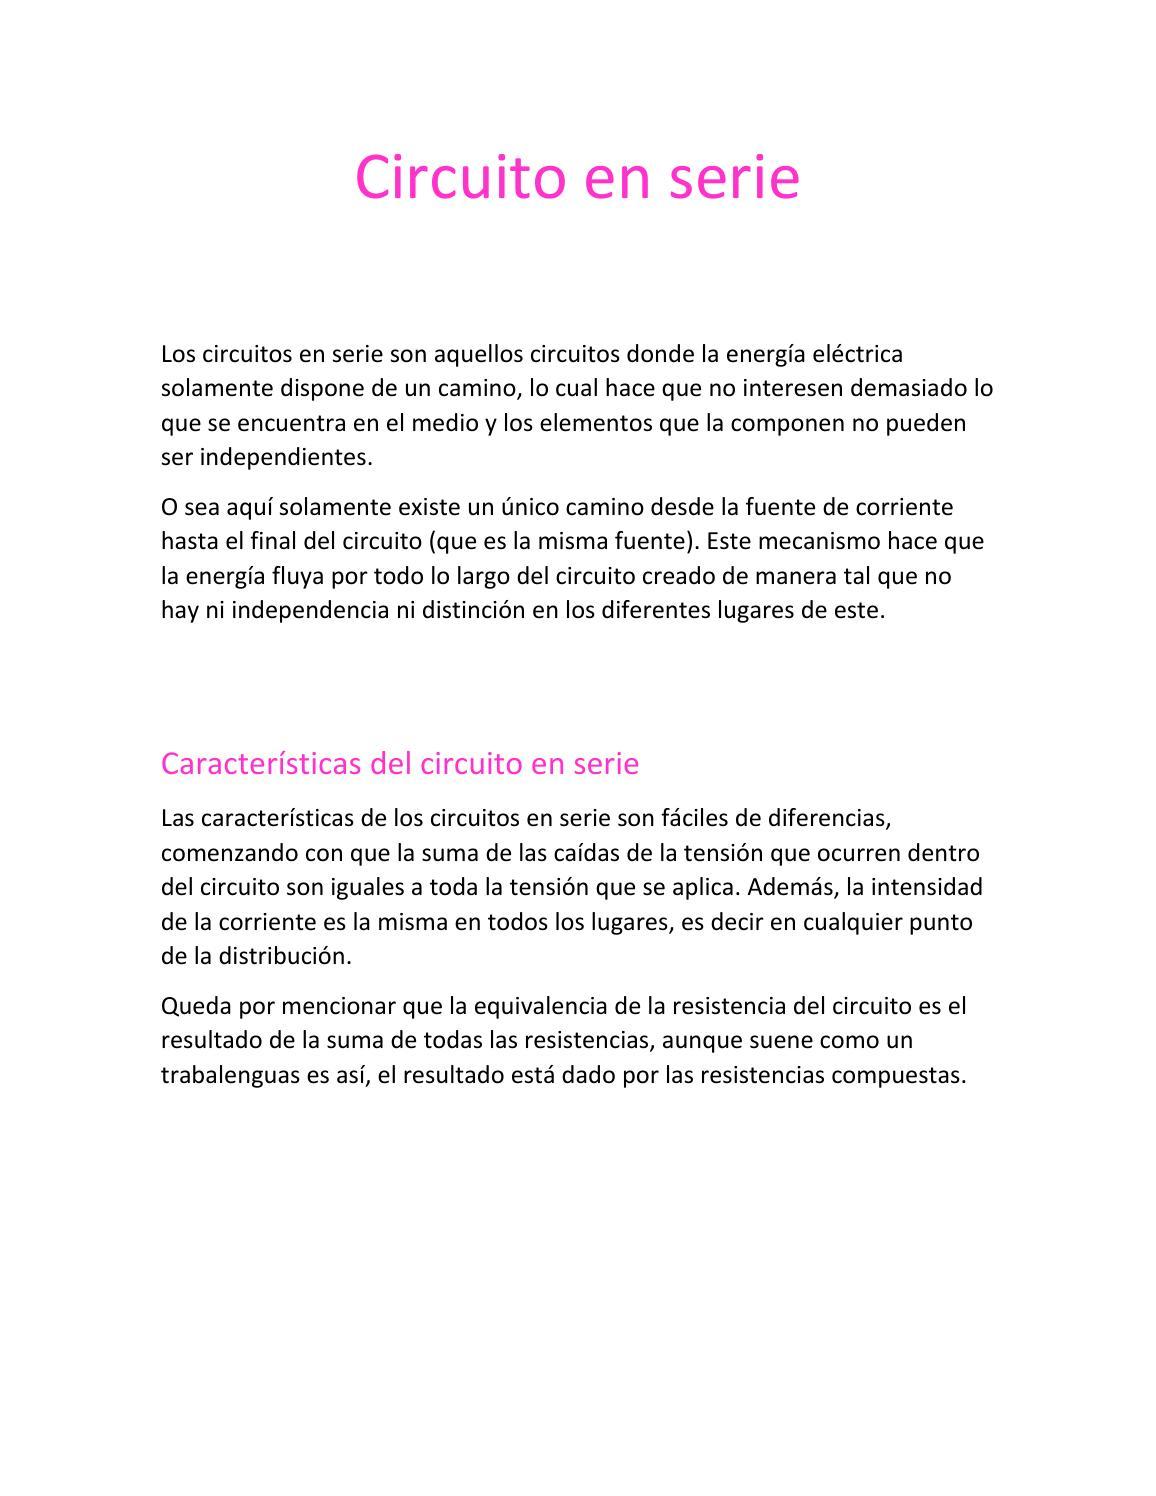 Circuito Que Es : Circuito en serie by diana rengifo issuu